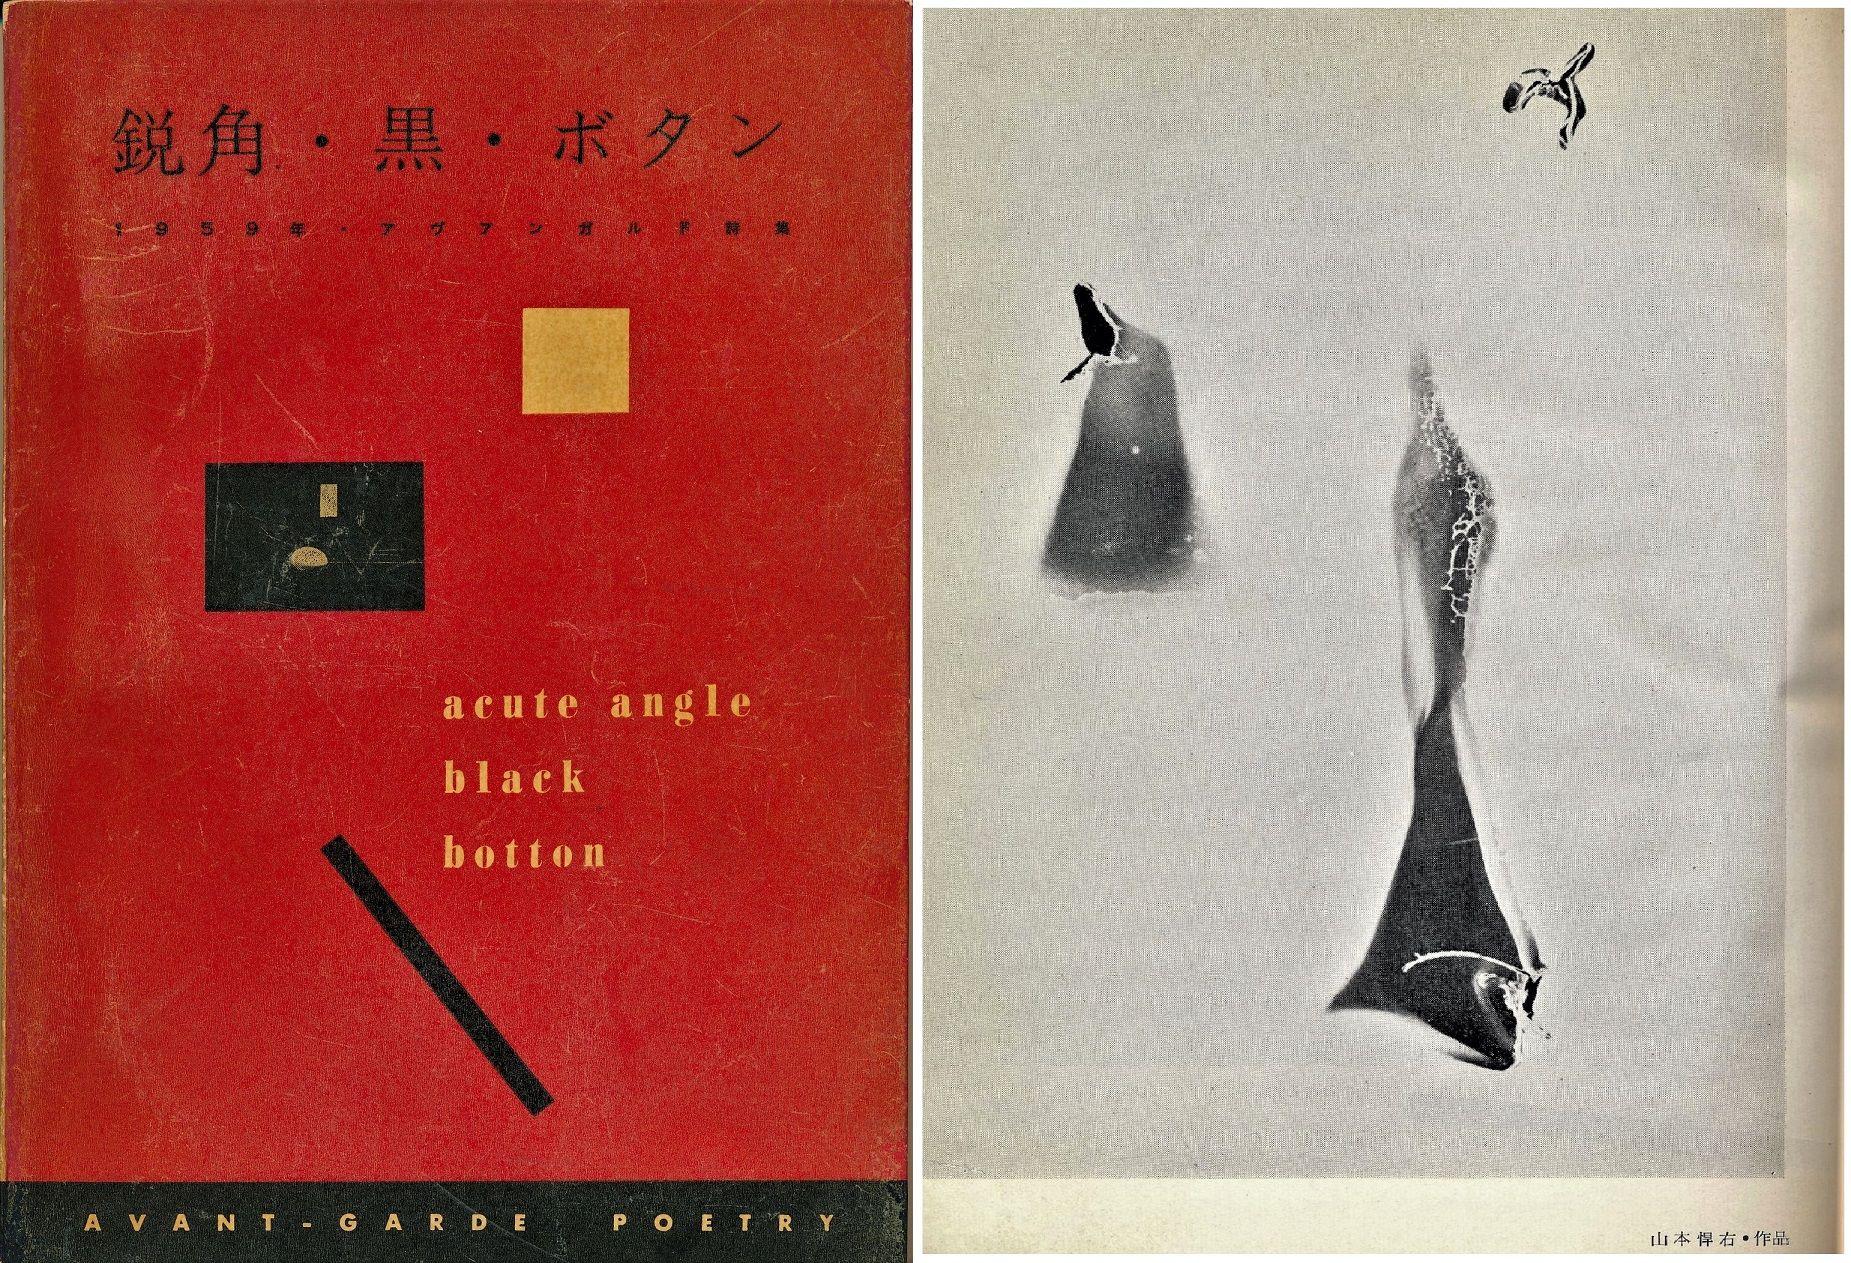 """作品"""" 山本悍右 1959年アヴァンギャルド詩集「鋭角・黒・ボタン」掲載 ..."""